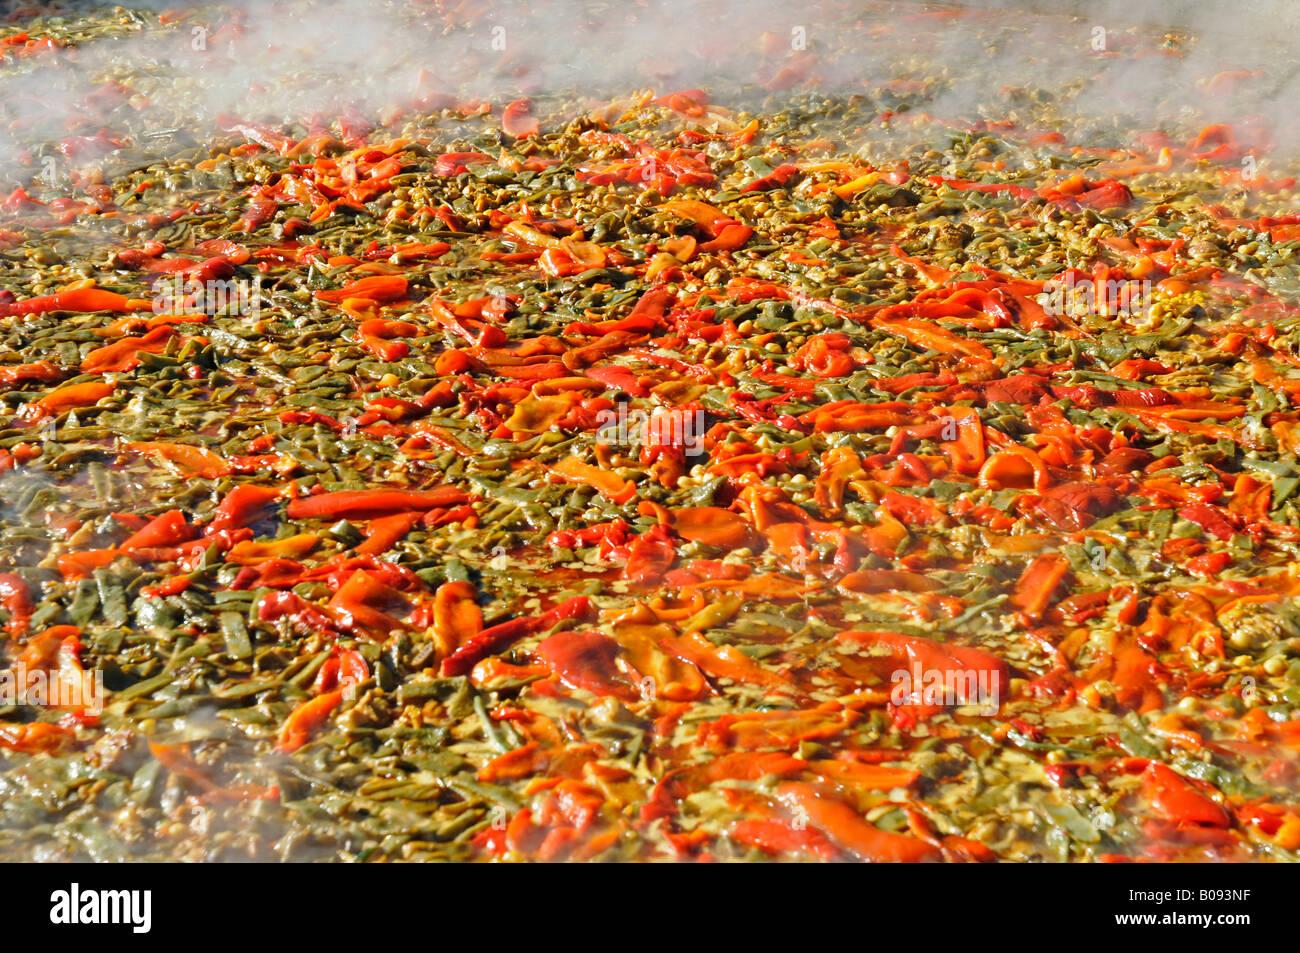 Paella served during fiesta, Altea la Vella, Alicante, Costa Blanca, Spain - Stock Image